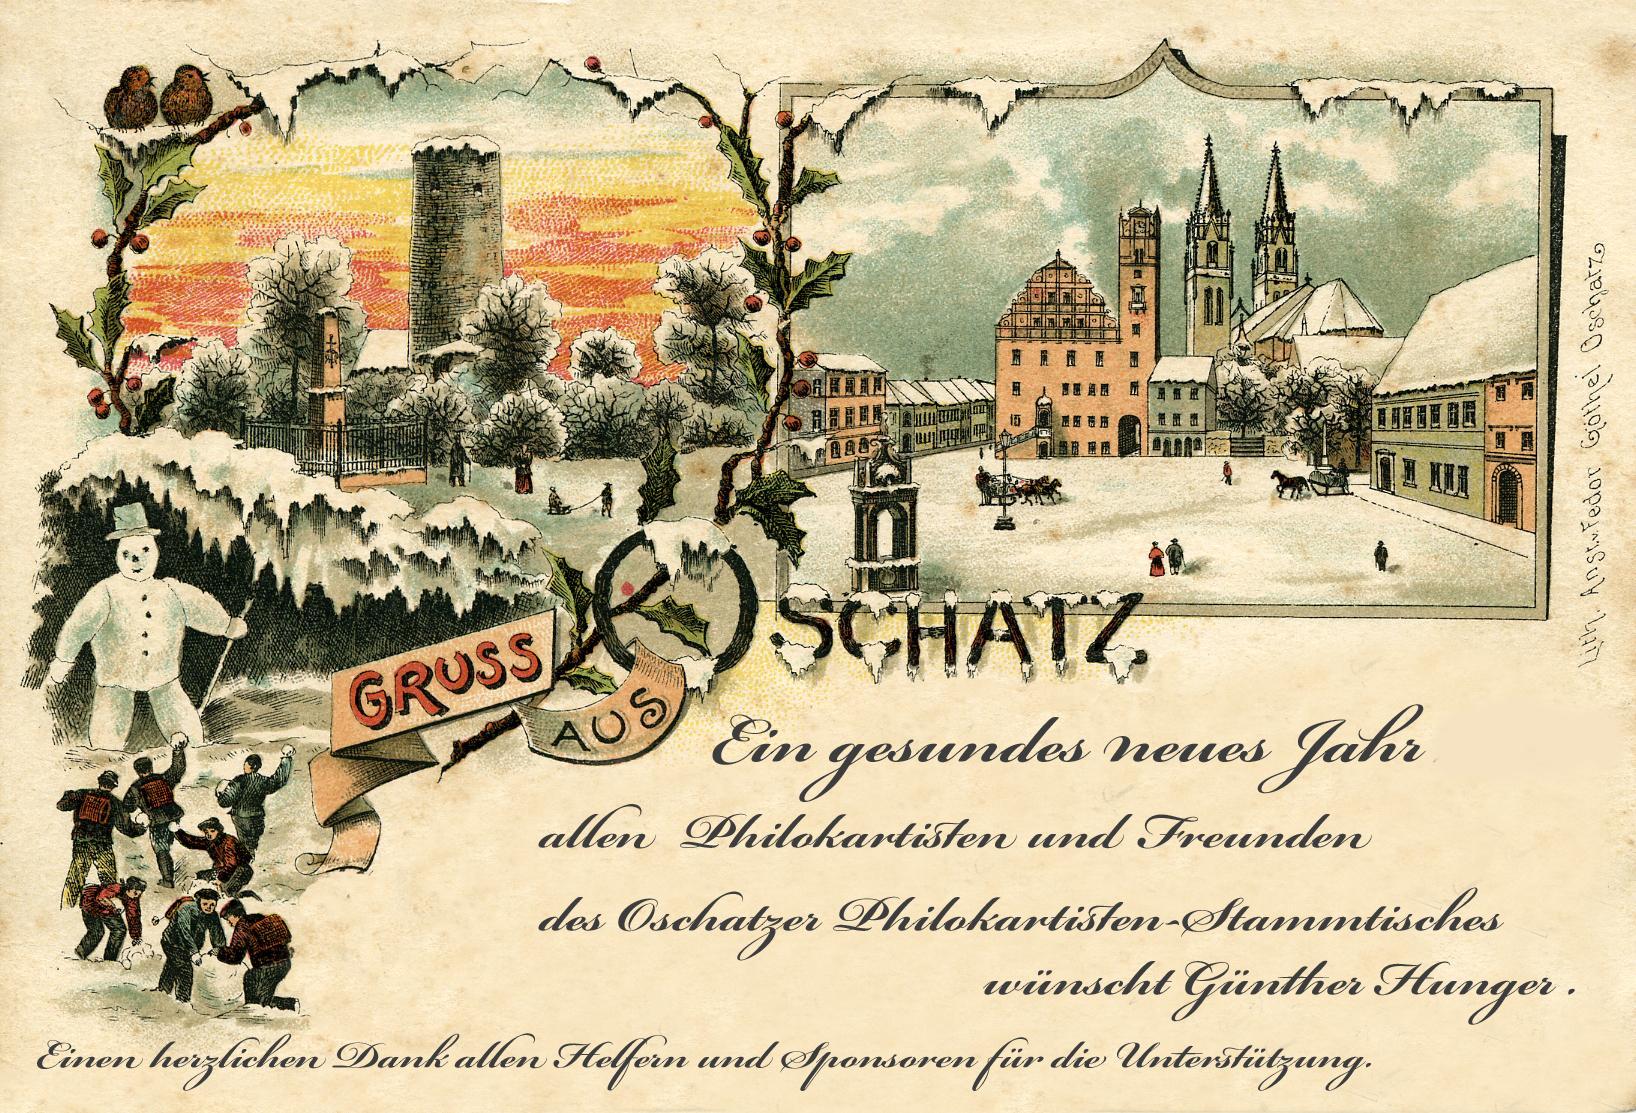 Gruss aus Oschatz